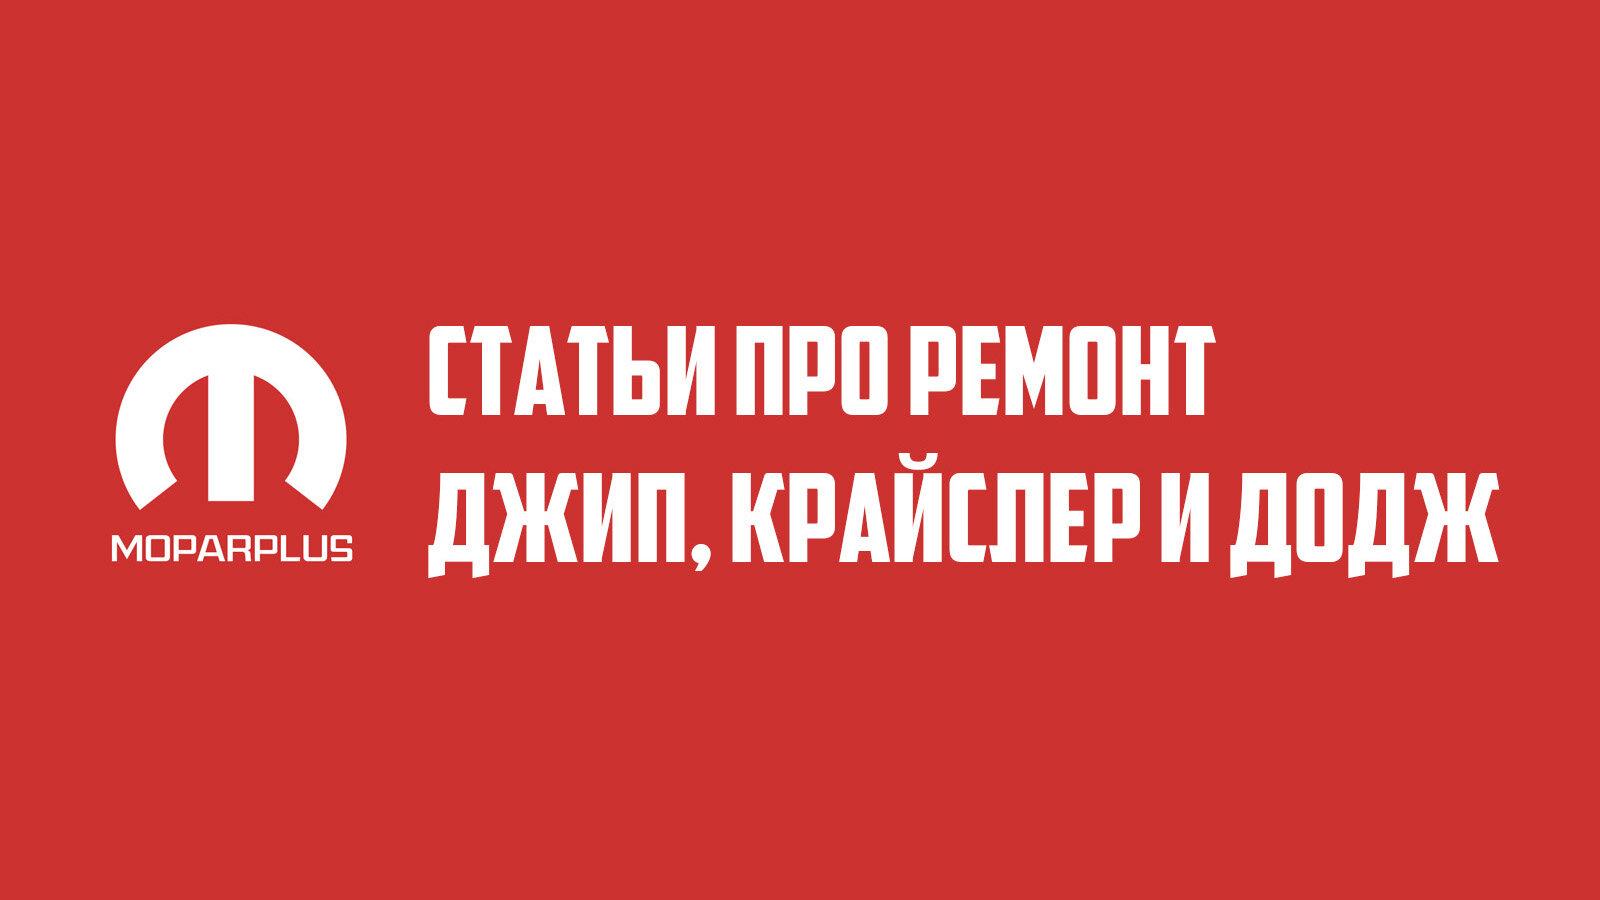 Статьи про ремонт. Выпуск №70.